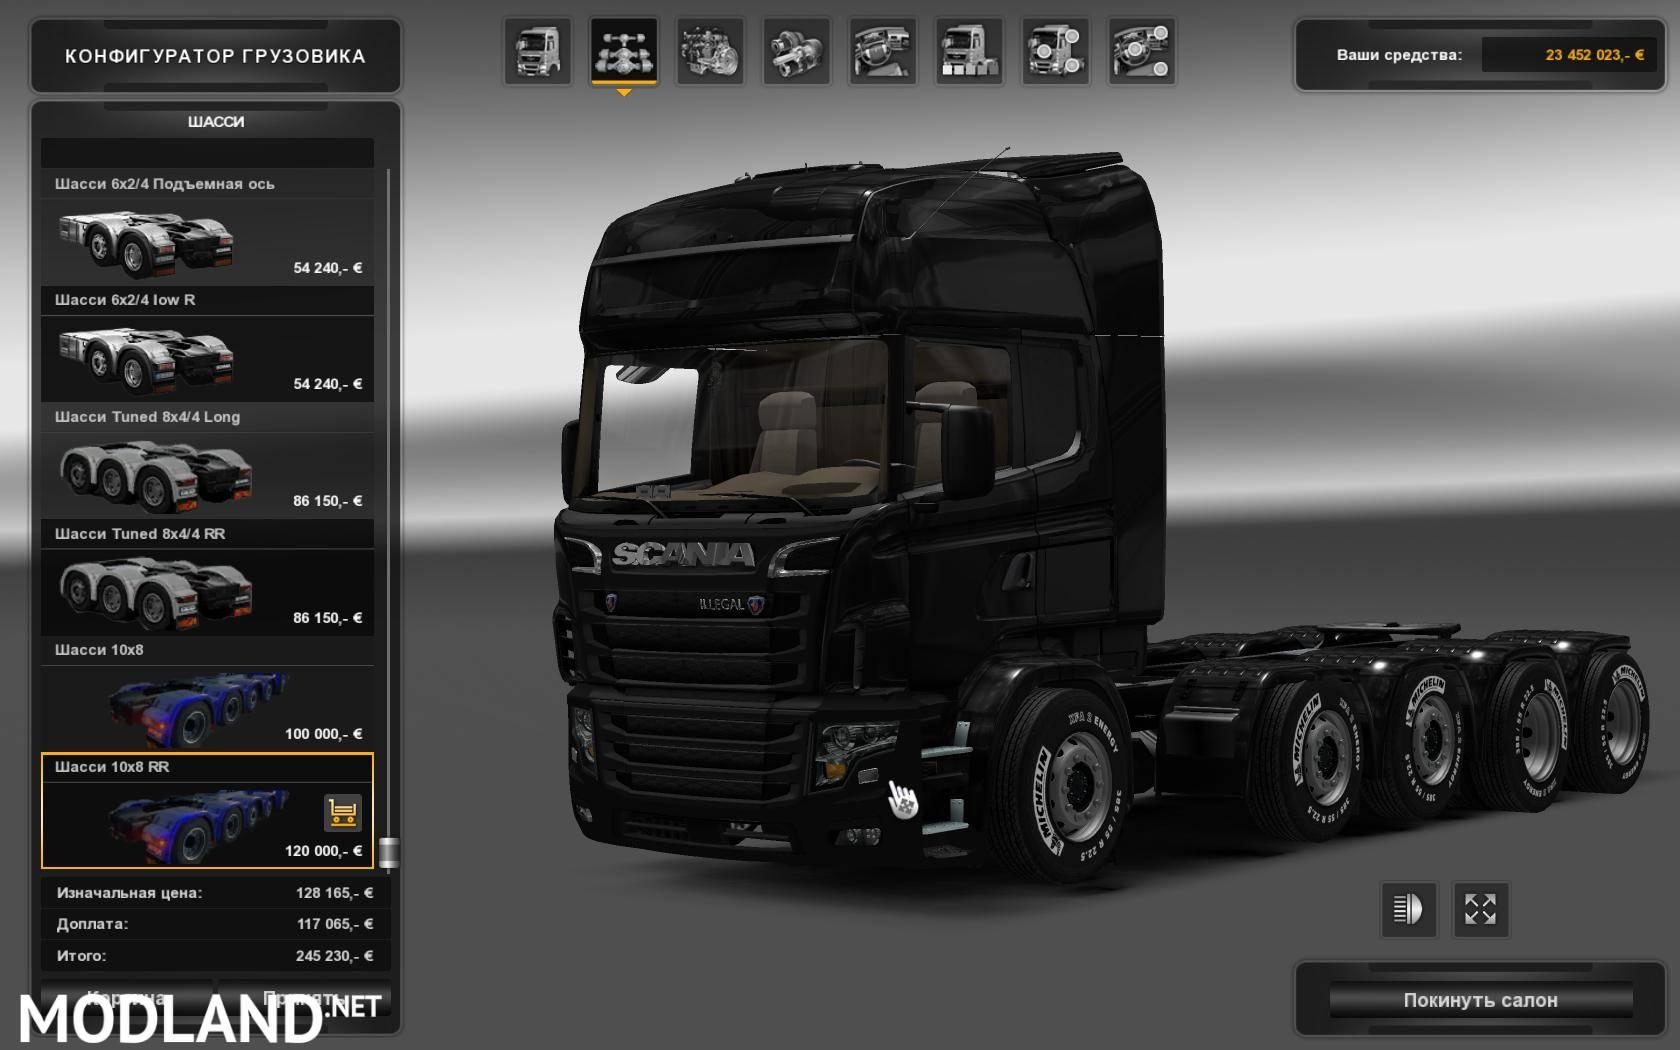 V8 illegal reworked truck v5 0 simulator games mods download - Scania Illegal V8 Reworked V3 0 1 24